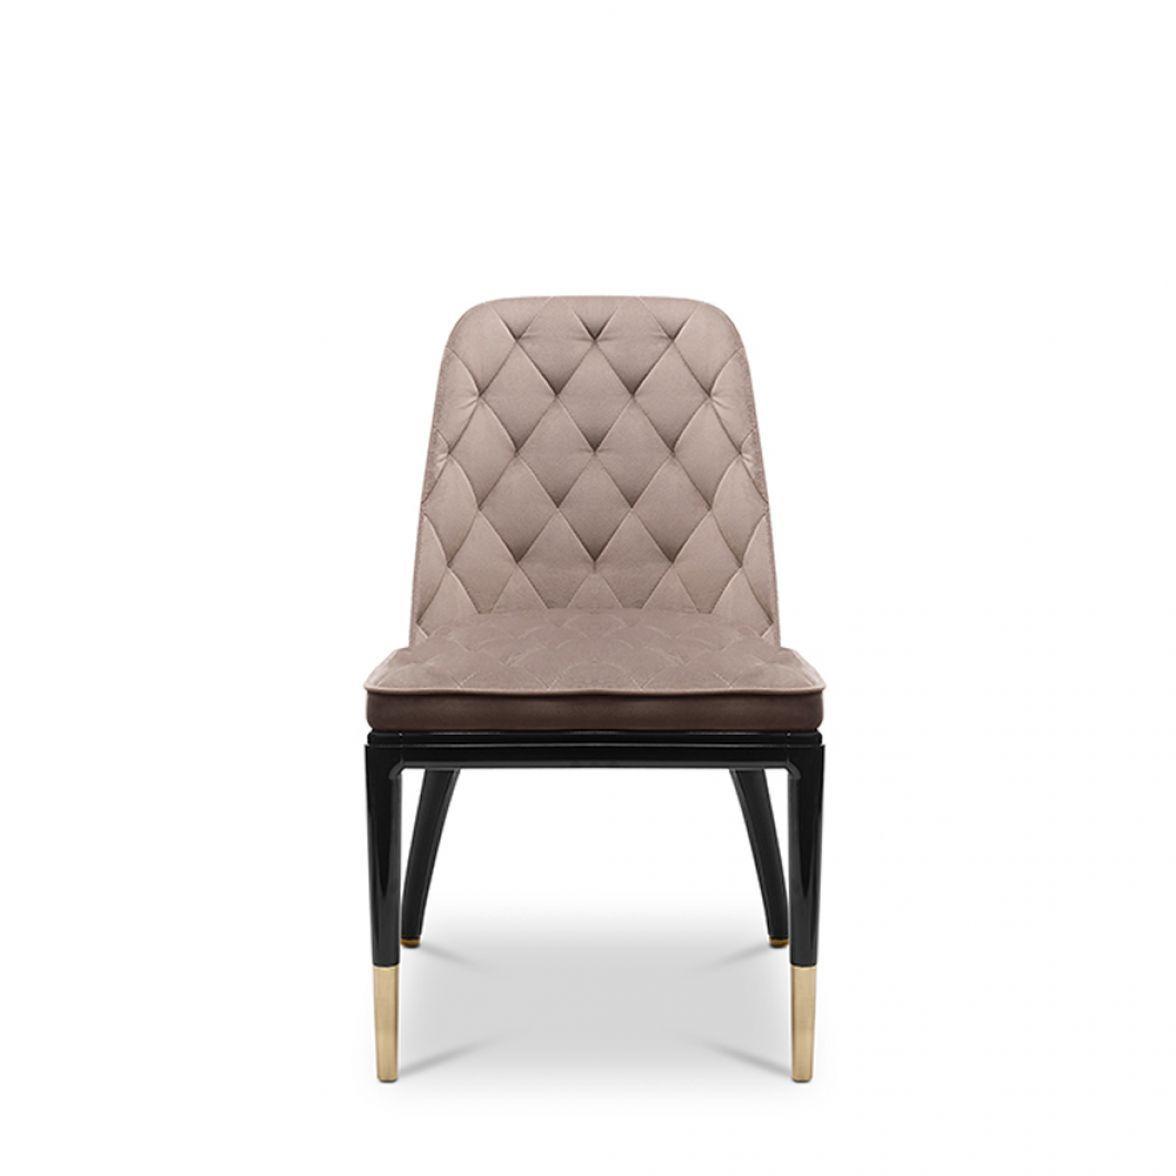 Charla II dining chair